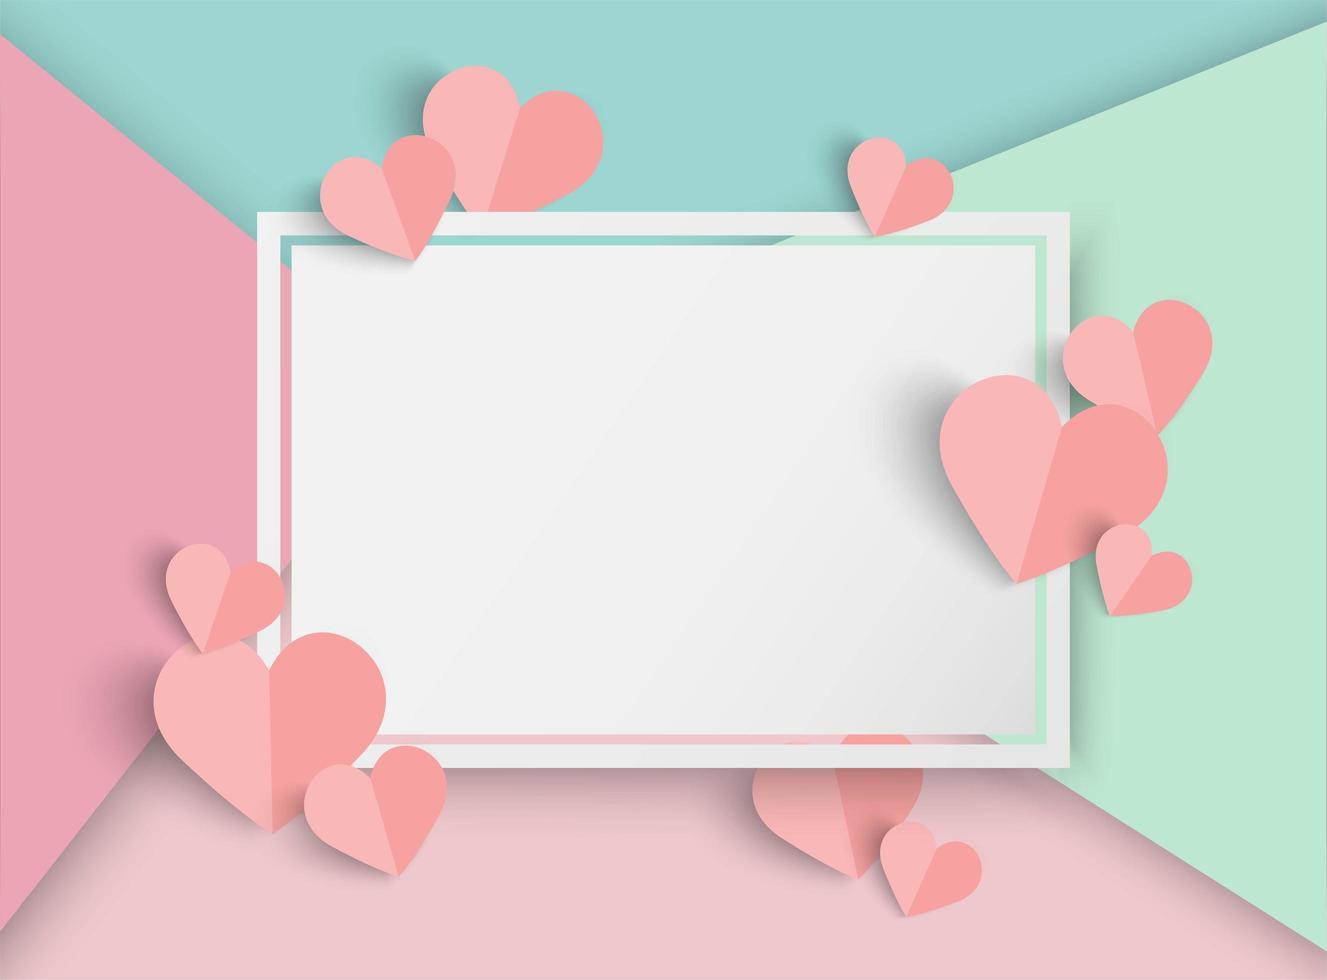 Fond de la Saint-Valentin avec des sections colorées, des coeurs et un cadre rectangle blanc vierge vecteur